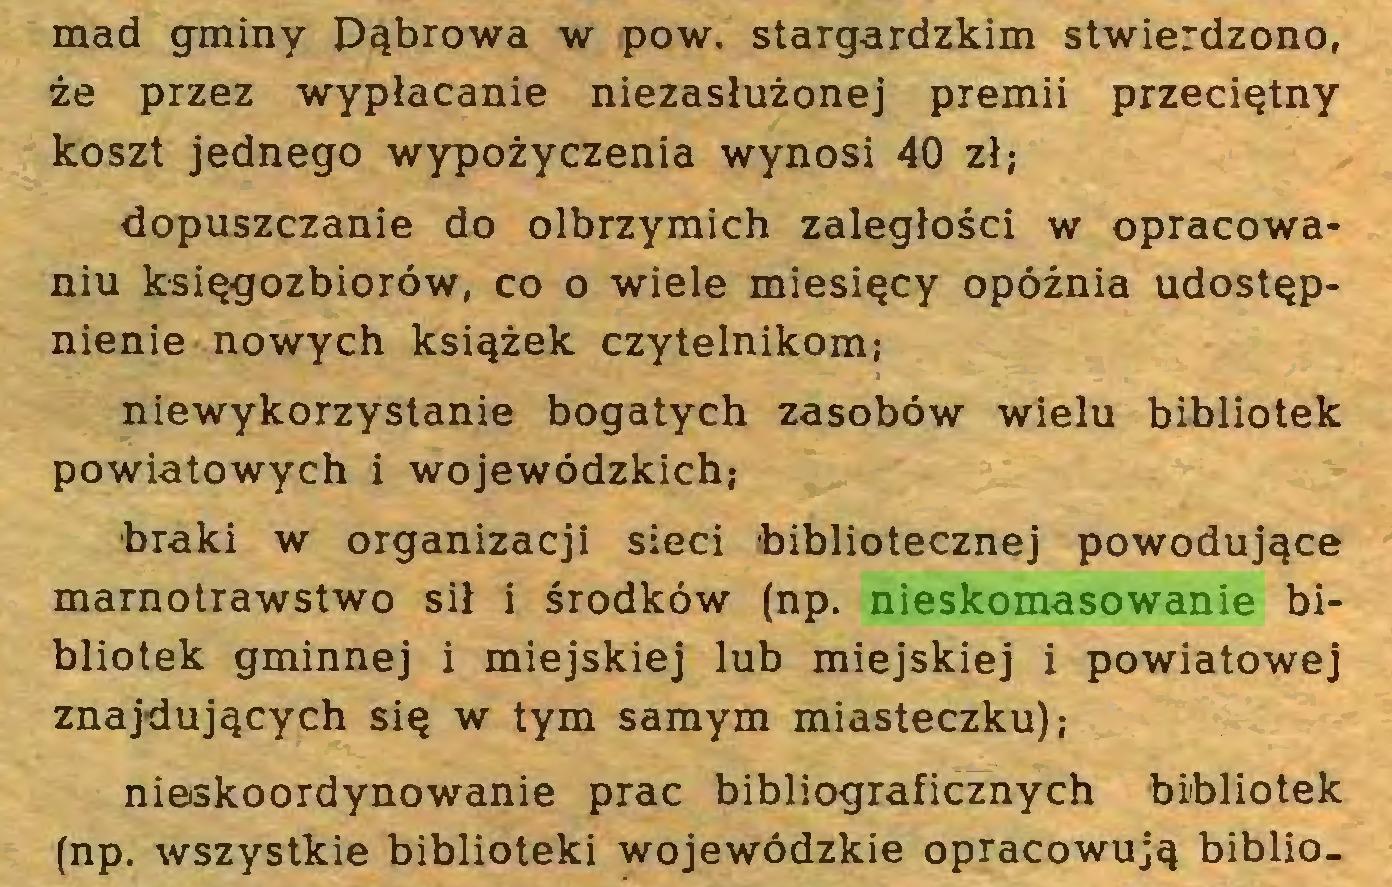 (...) mad gminy Dąbrowa w pow. stargardzkim stwierdzono, że przez wypłacanie niezasłużonej premii przeciętny koszt jednego wypożyczenia wynosi 40 zł; dopuszczanie do olbrzymich zaległości w opracowaniu księgozbiorów, co o wiele miesięcy opóźnia udostępnienie nowych książek czytelnikom; niewykorzystanie bogatych zasobów wielu bibliotek powiatowych i wojewódzkich; braki w organizacji sieci bibliotecznej powodujące marnotrawstwo sił i środków (np. nieskomasowanie bibliotek gminnej i miejskiej lub miejskiej i powiatowej znajdujących się w tym samym miasteczku); nieskoordynowanie prac bibliograficznych bibliotek (np. wszystkie biblioteki wojewódzkie opracowują biblio...